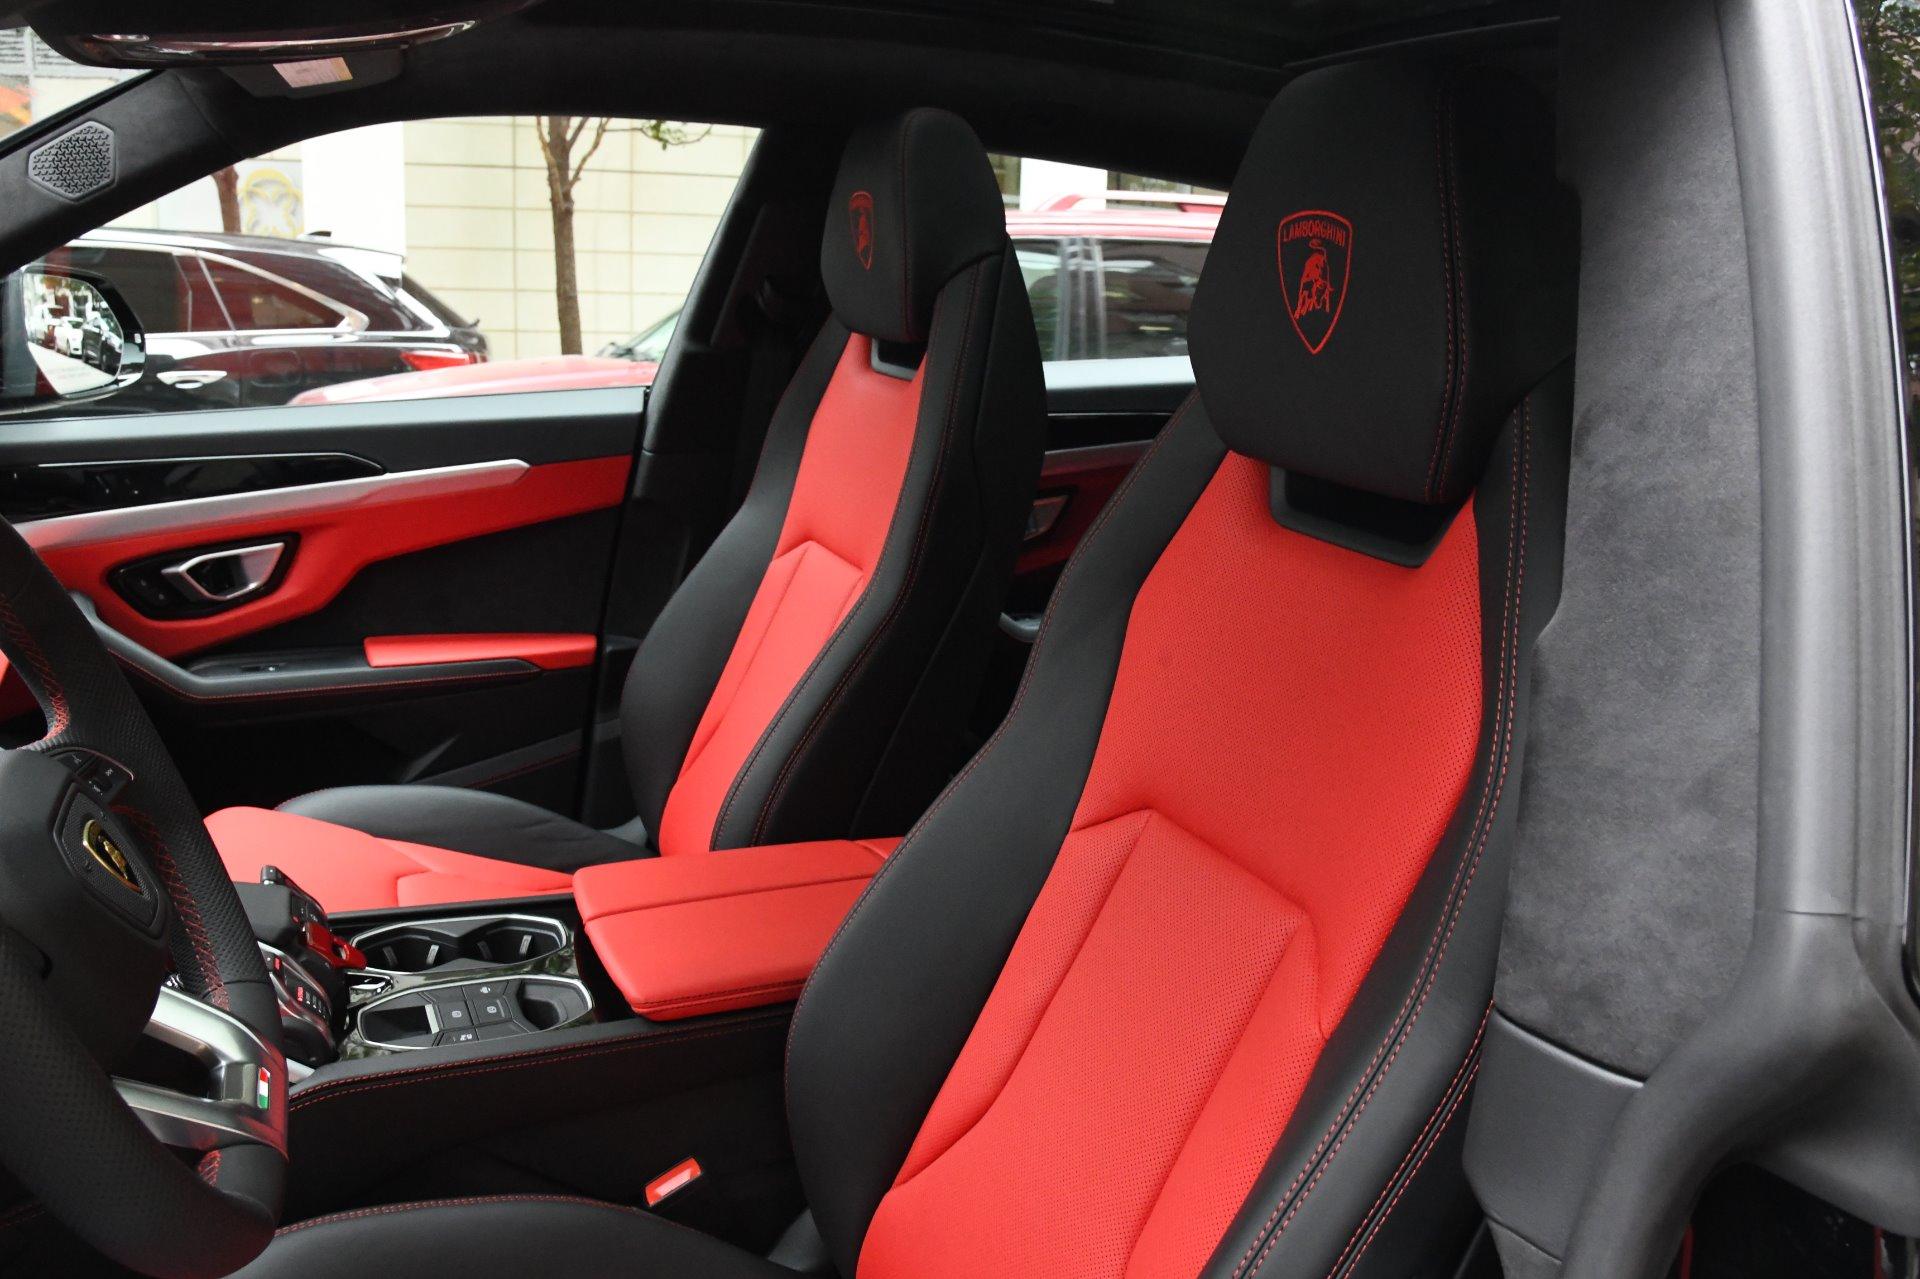 Gold Coast Bentley >> 2019 Lamborghini Urus Stock # 01033 for sale near Chicago, IL   IL Lamborghini Dealer